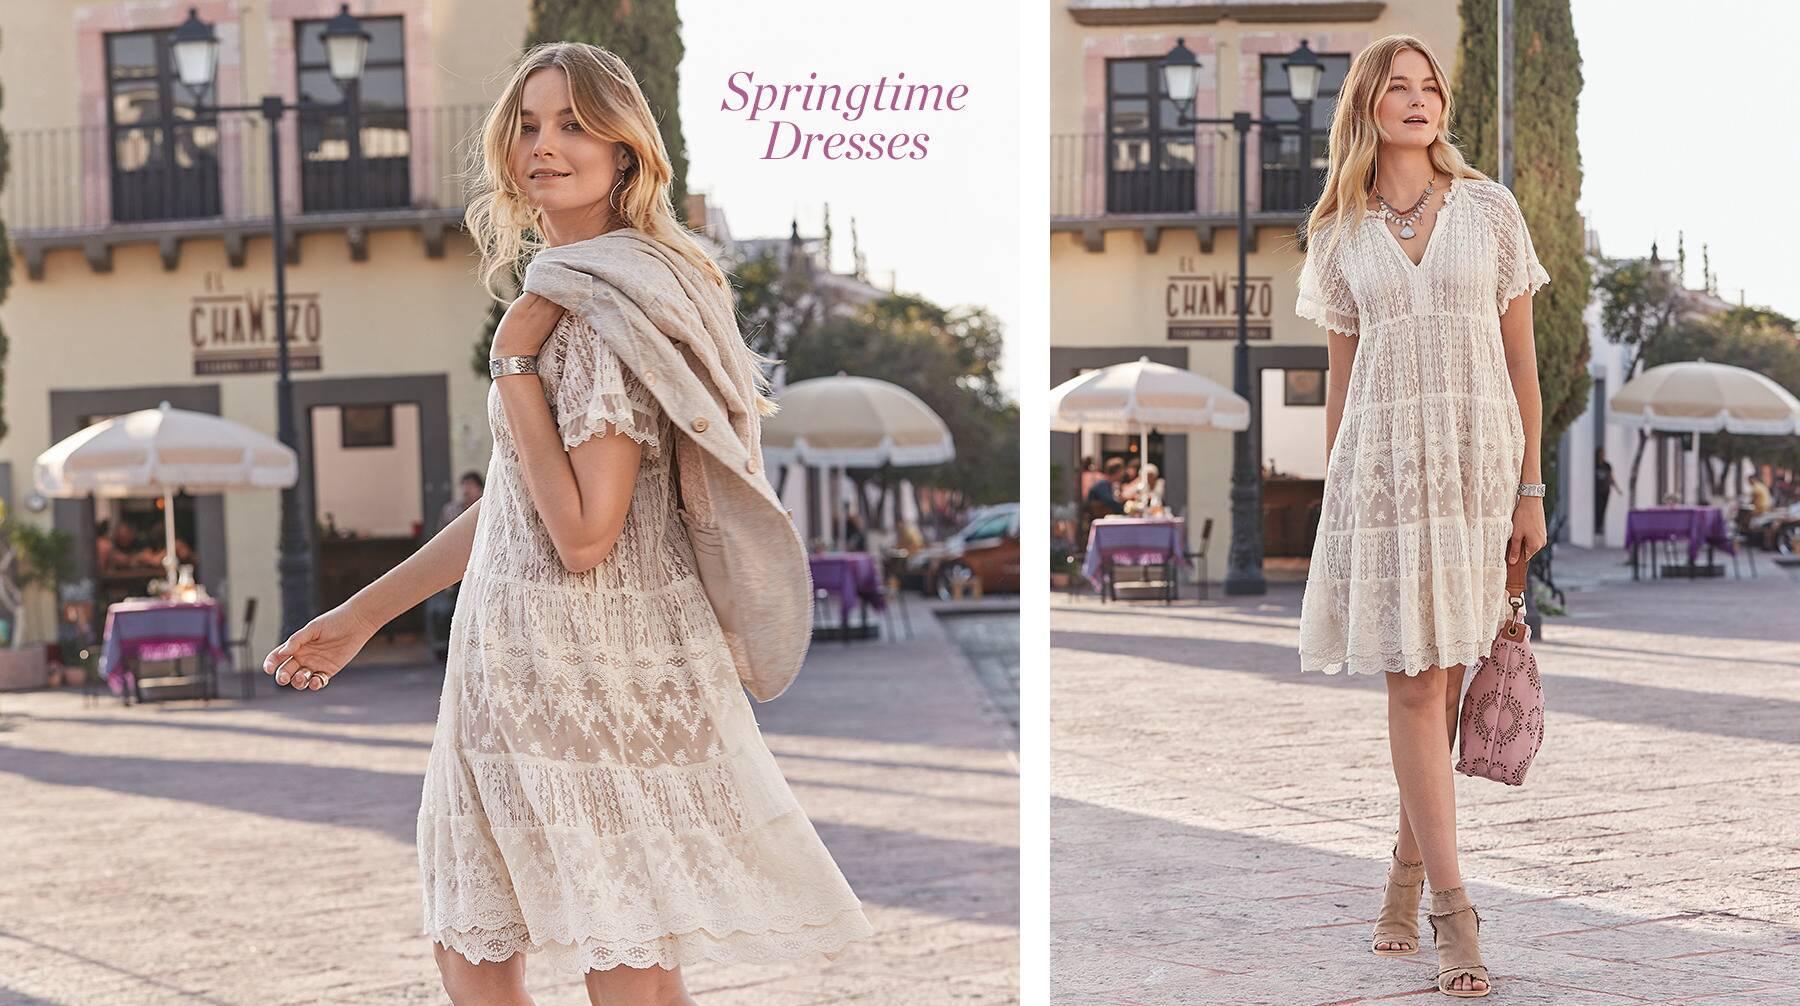 Springtime Dresses